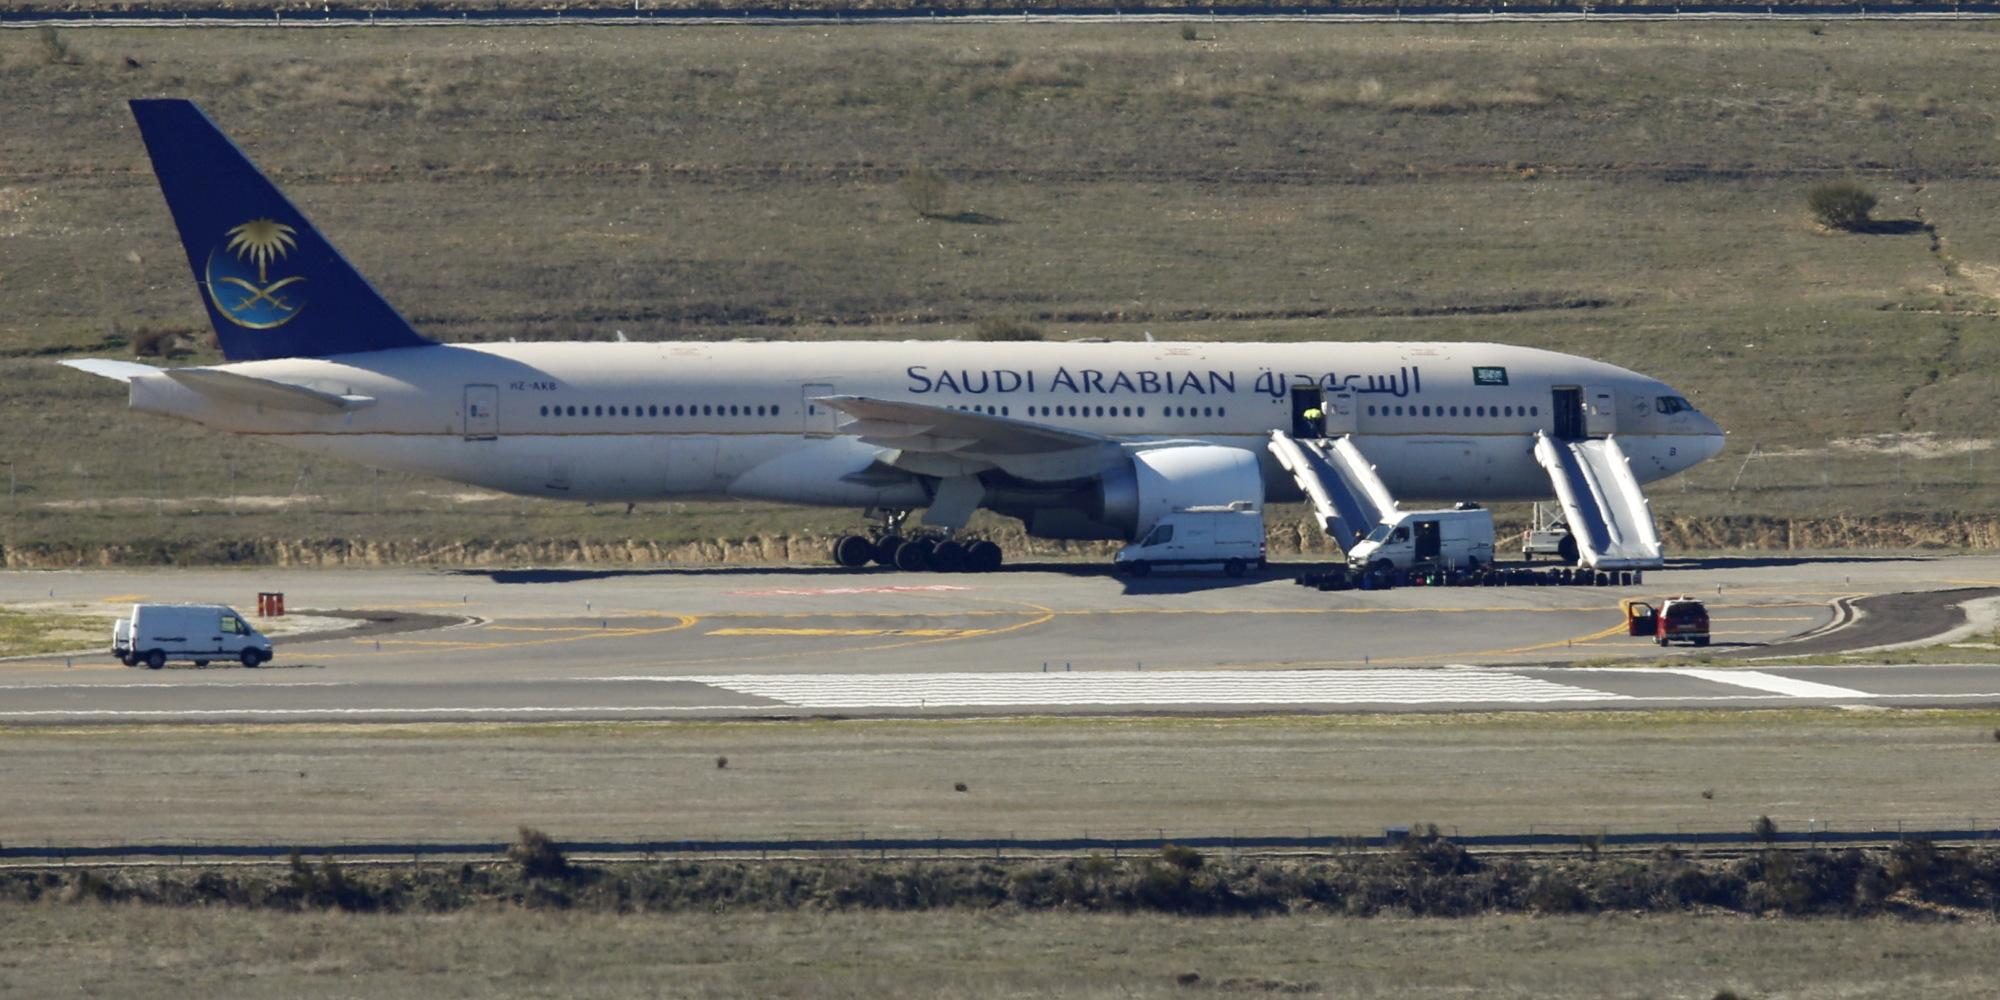 السعودية آخر المعفيين من الحظر الأميركي على حمل  اللاب توب  في الرحلات الجوية